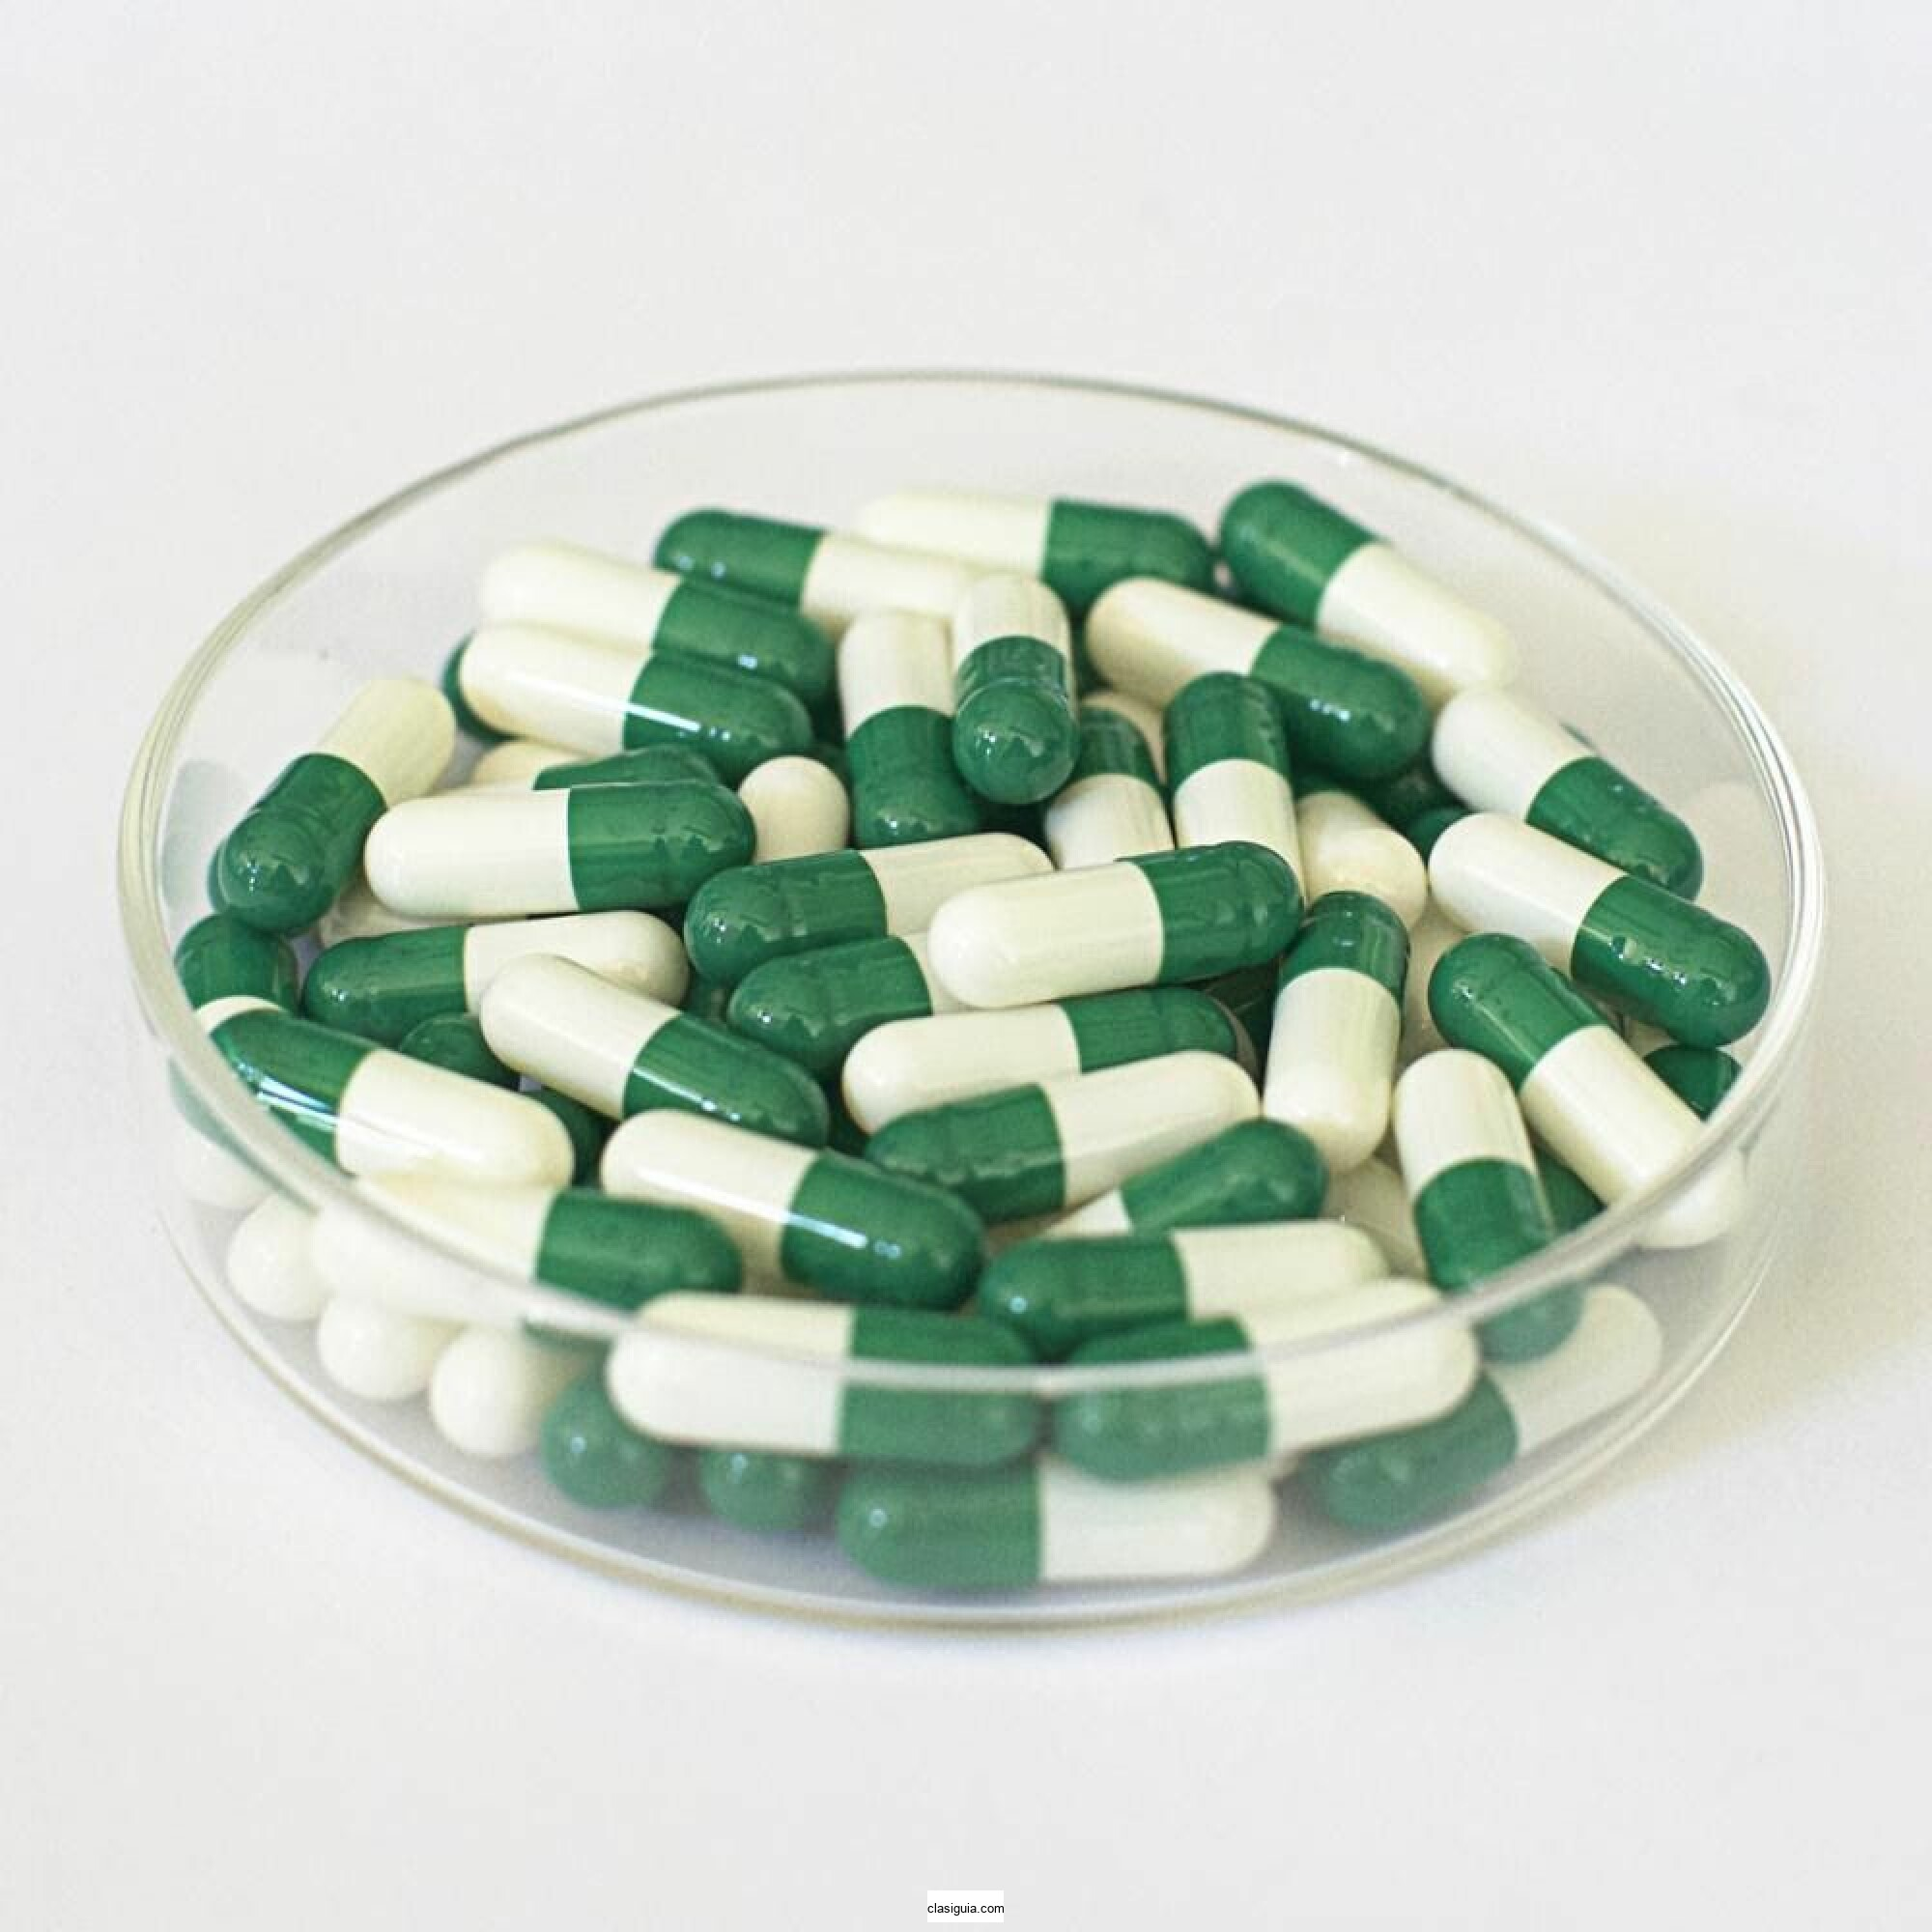 Cianuro de potasio tanto en pastillas como en polvo KCN 99,99%